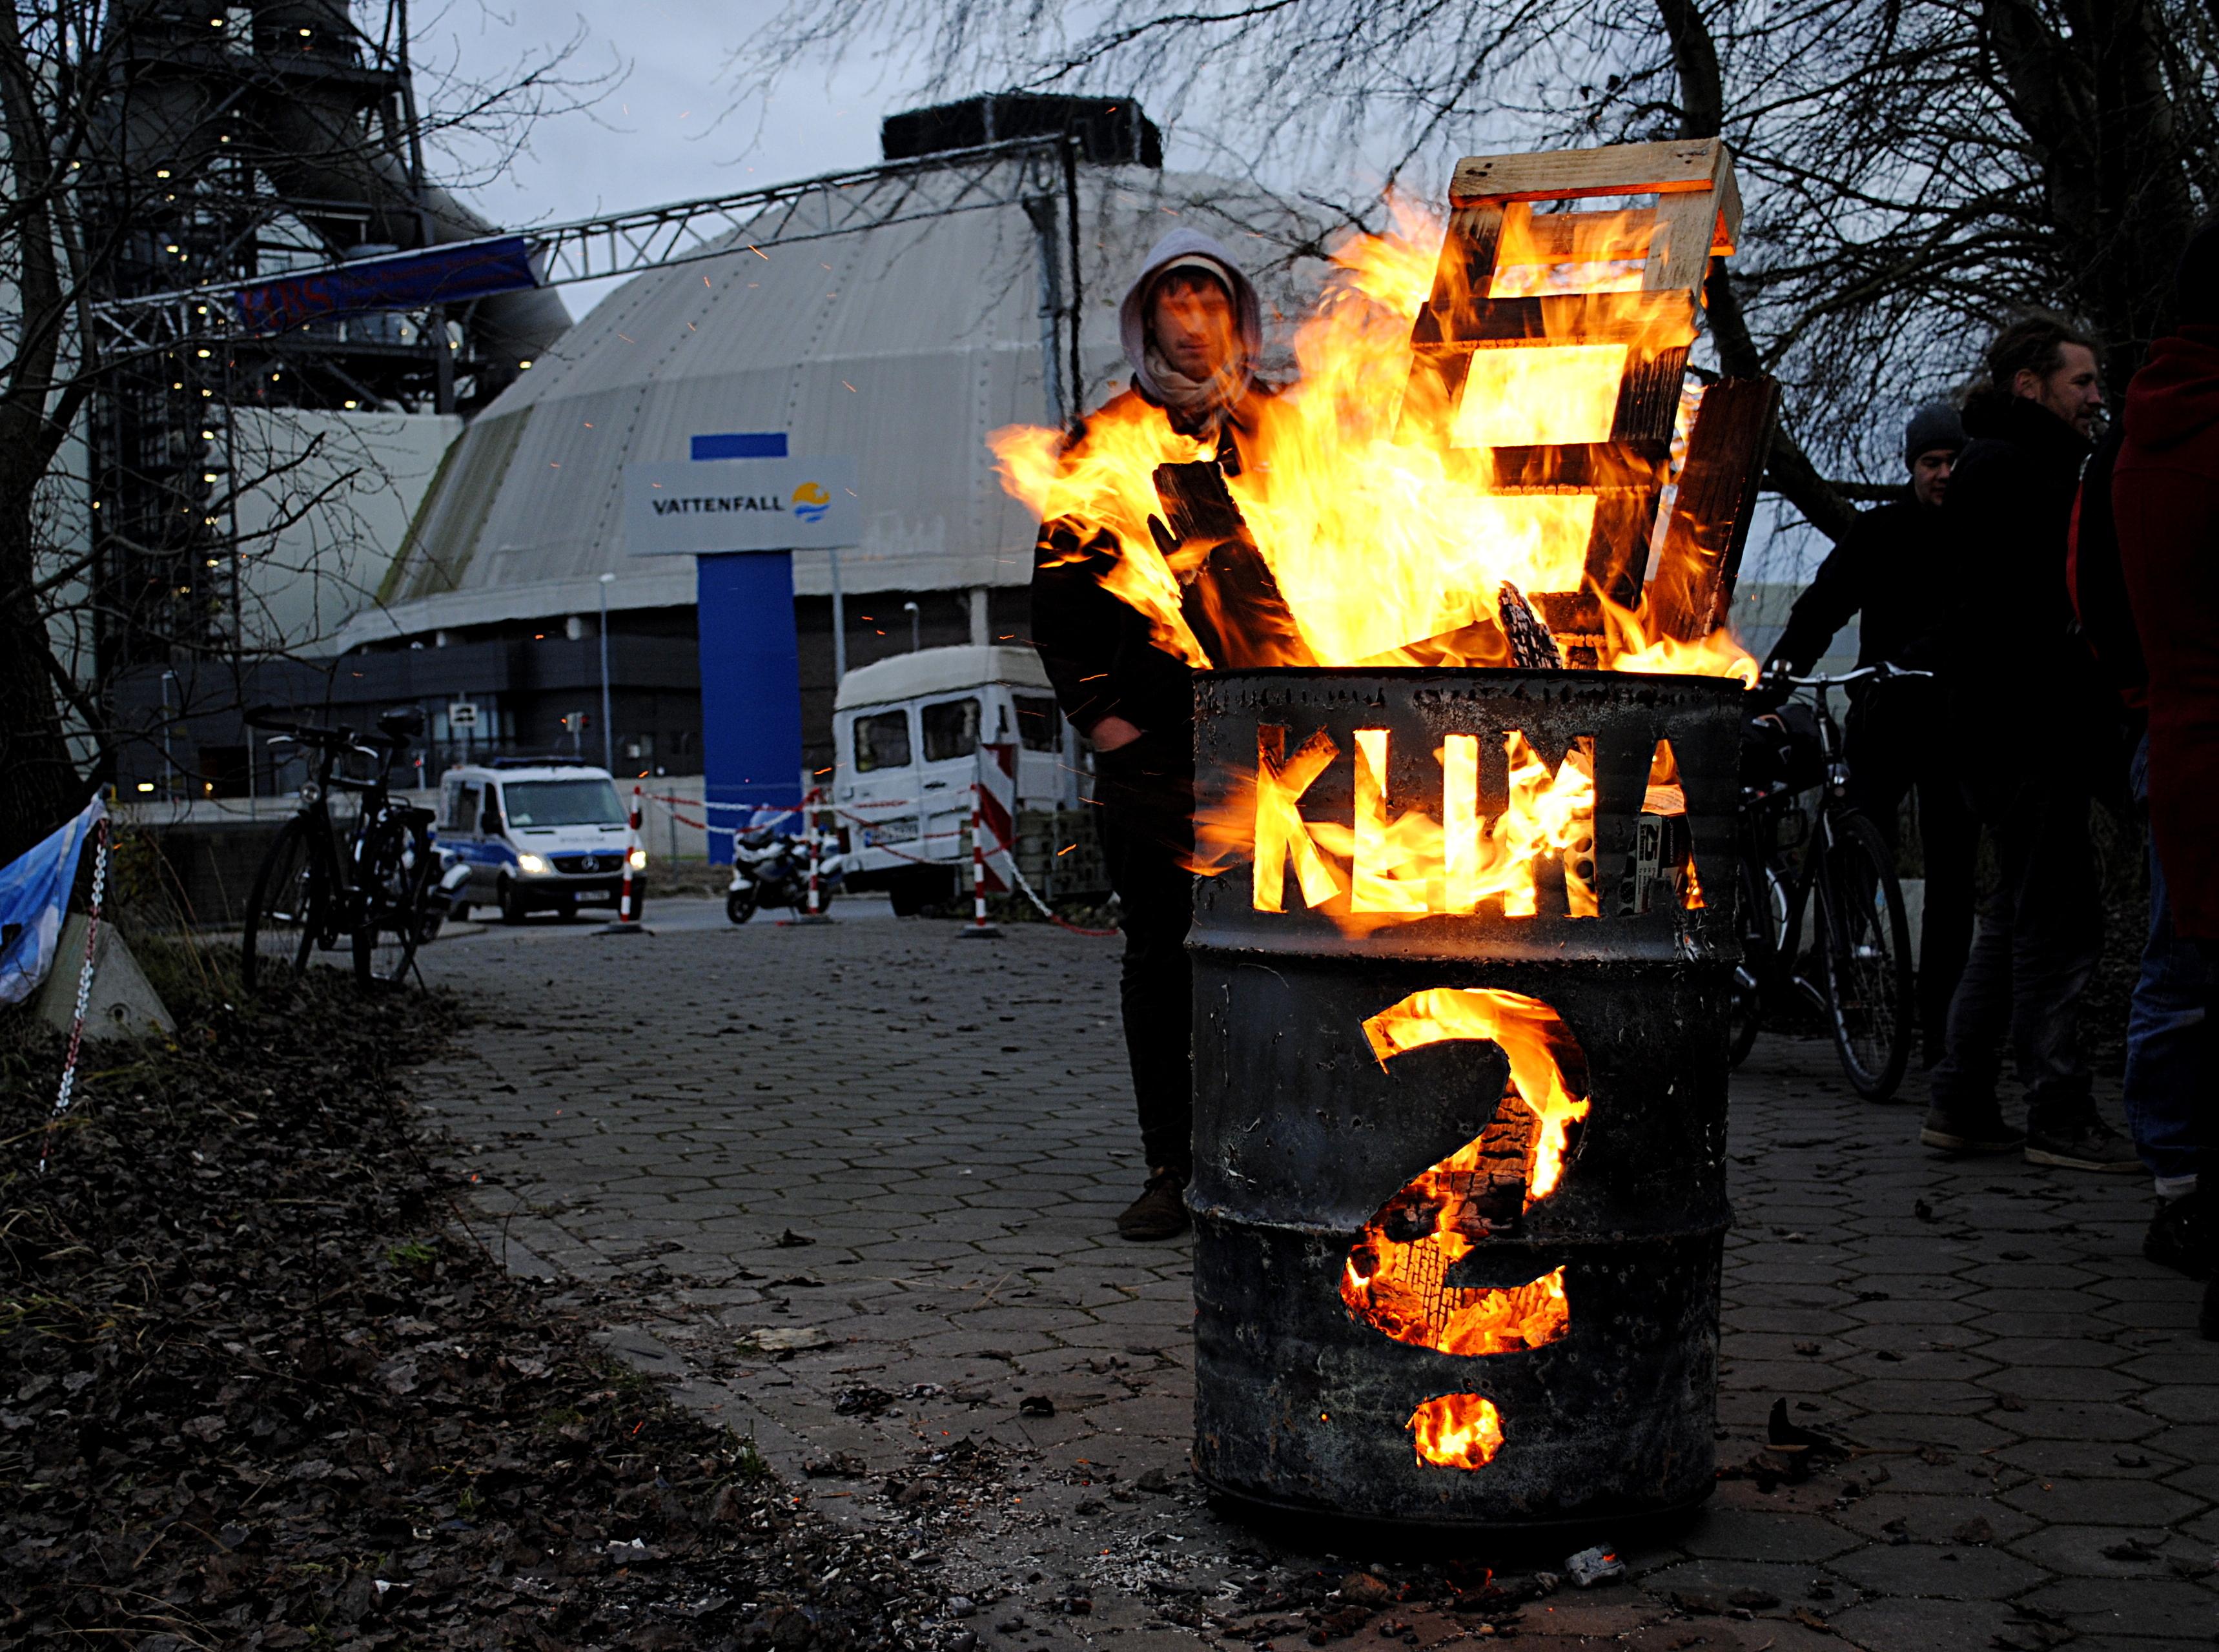 """Feuertonne mit Aufschrift """"Klima?"""" vor Vattenfall Gebäude"""